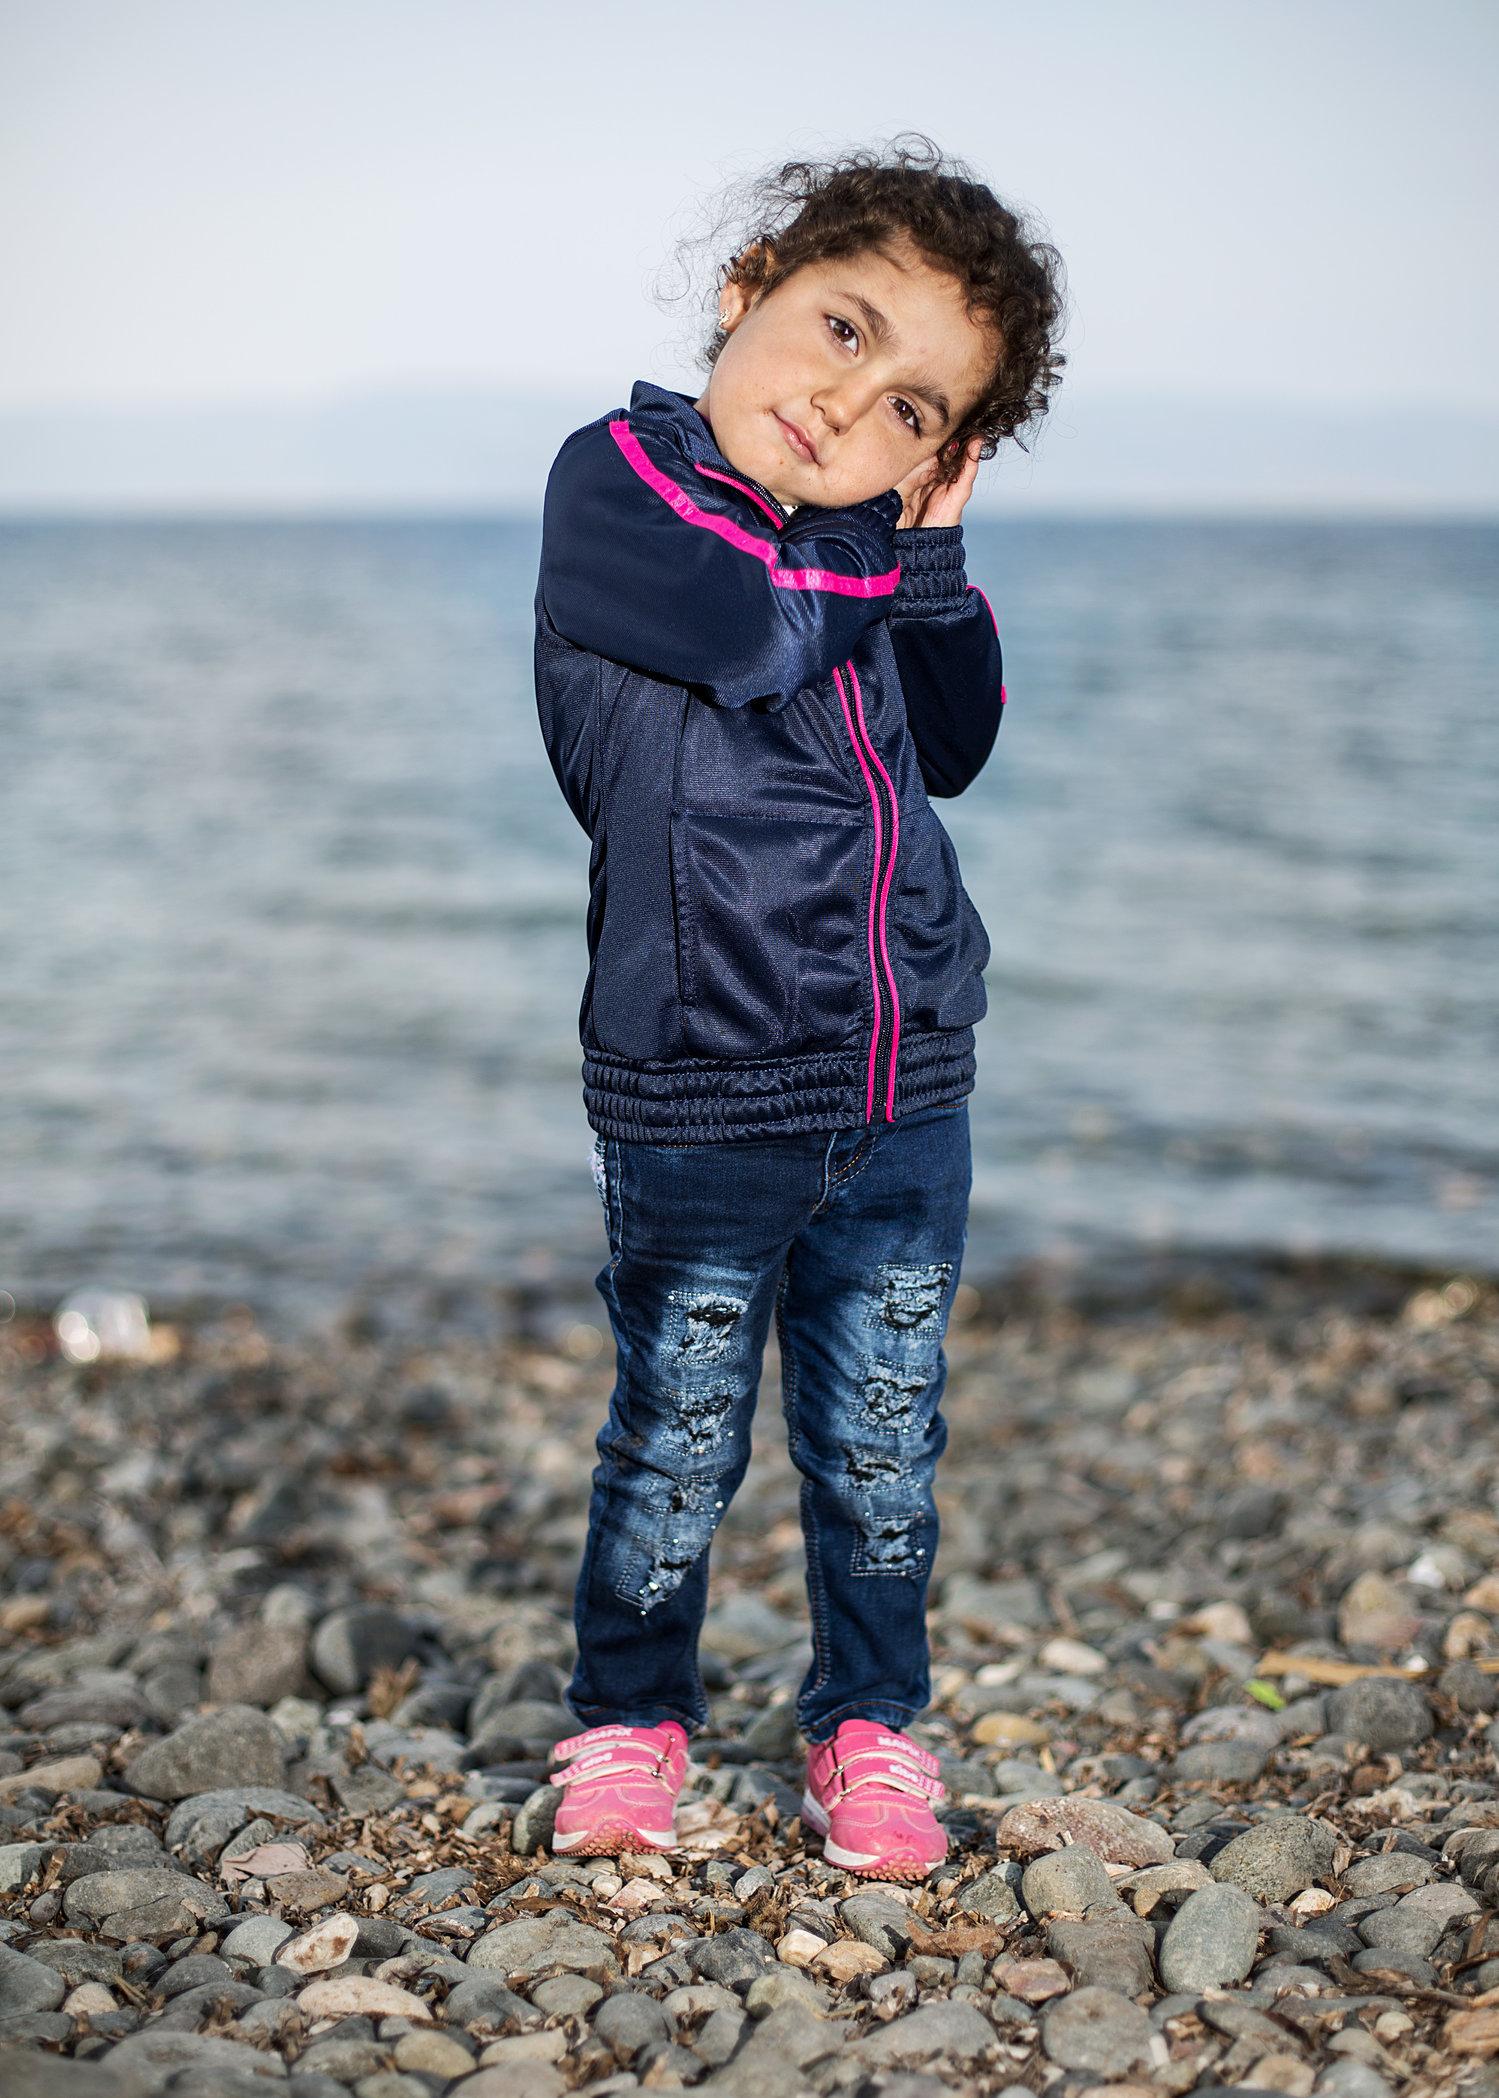 Maikel Samuels-strand portretten-04.jpg